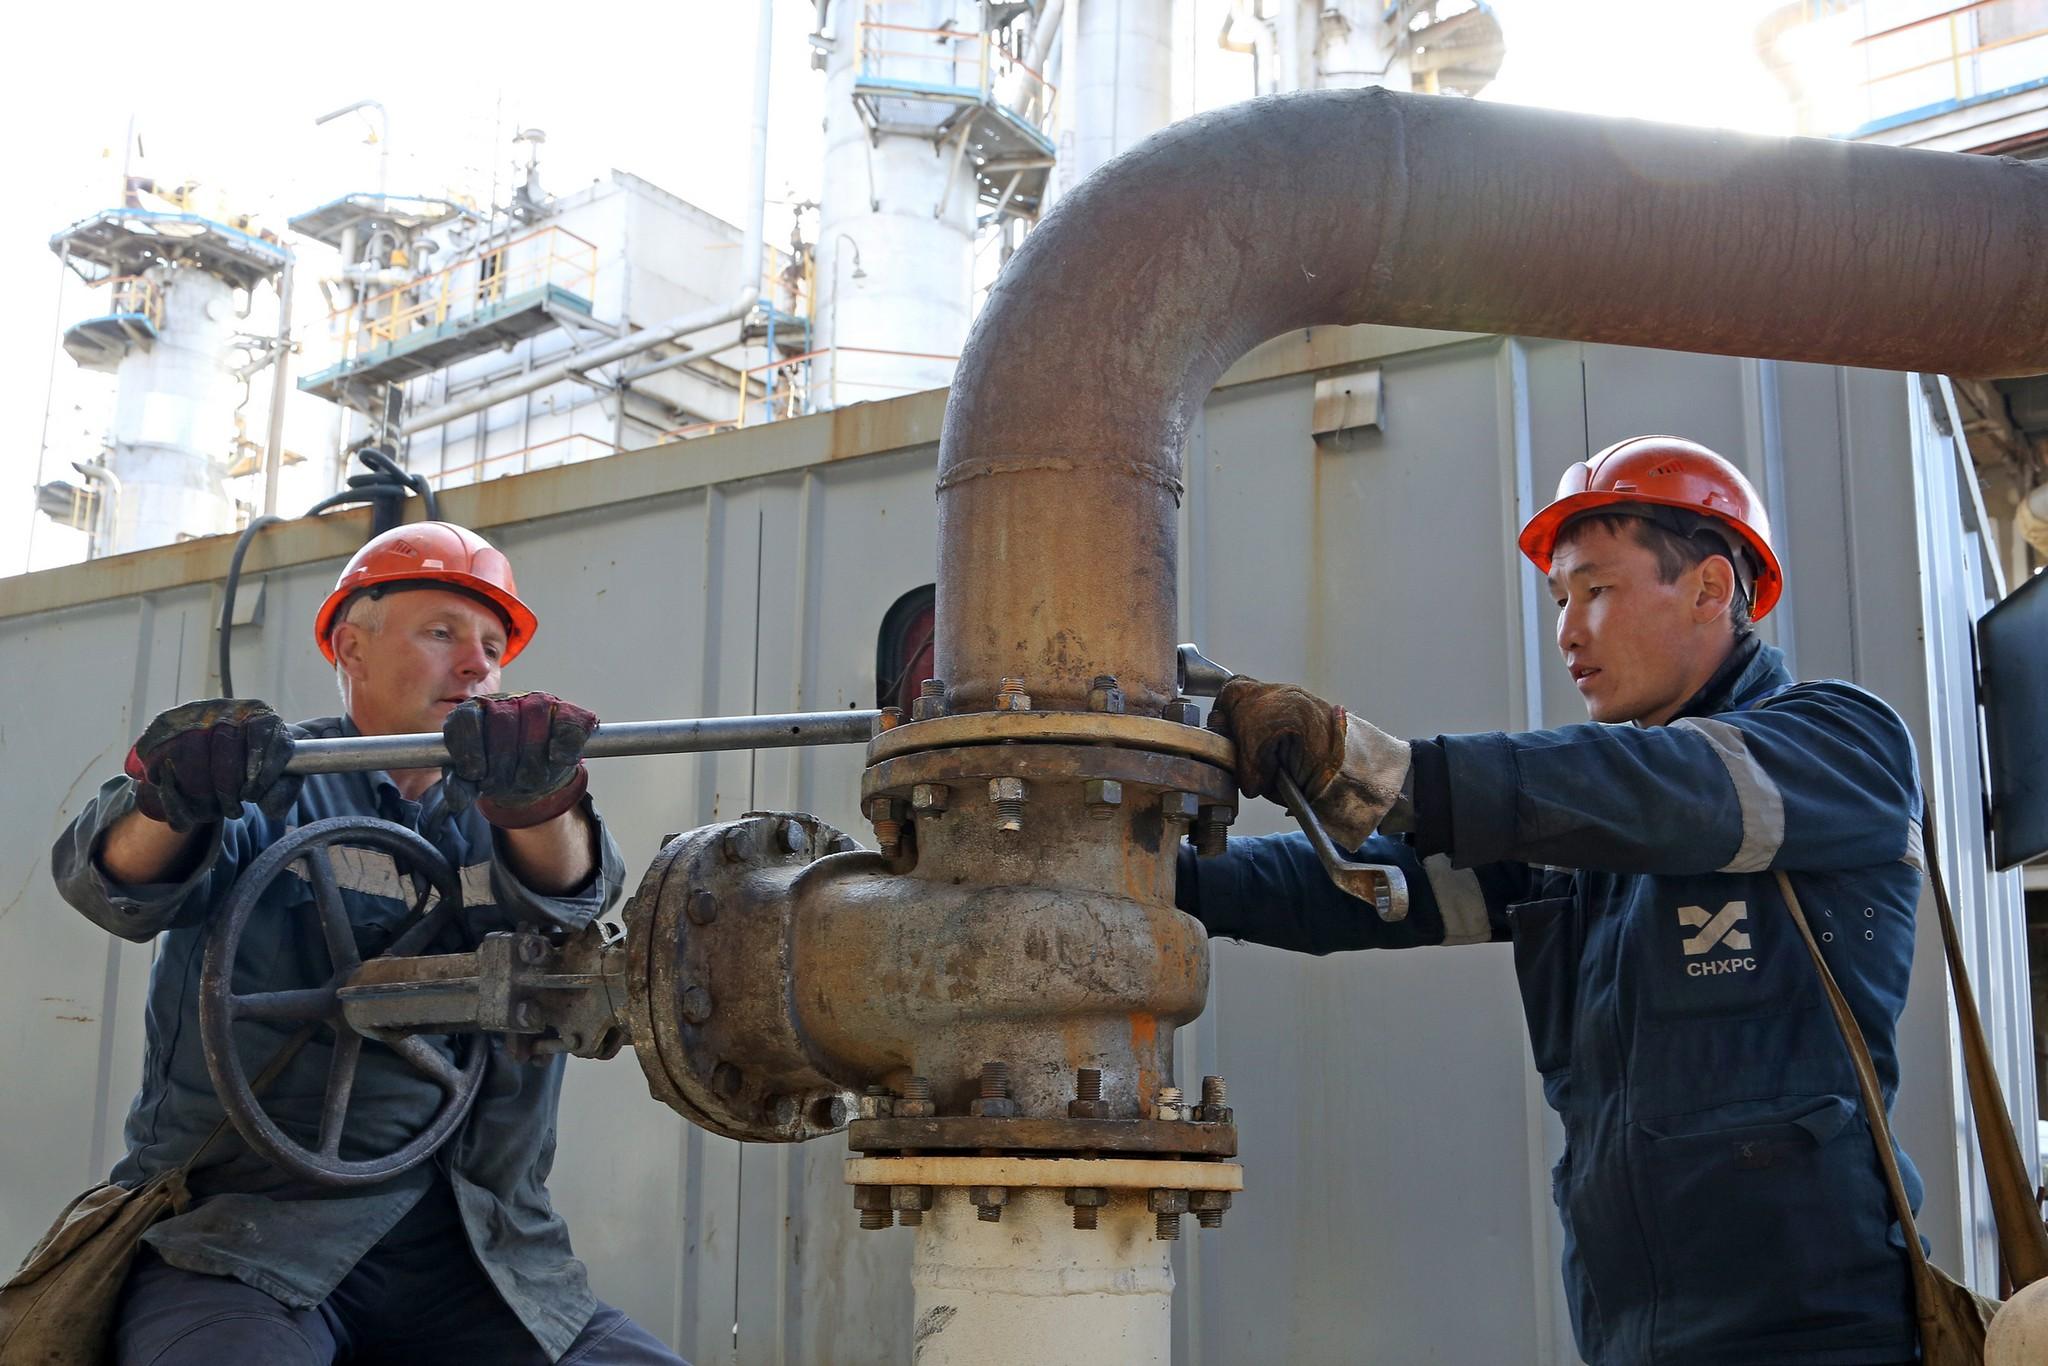 открытие арматуры закрытие на трубопроводах запорной технологиечских